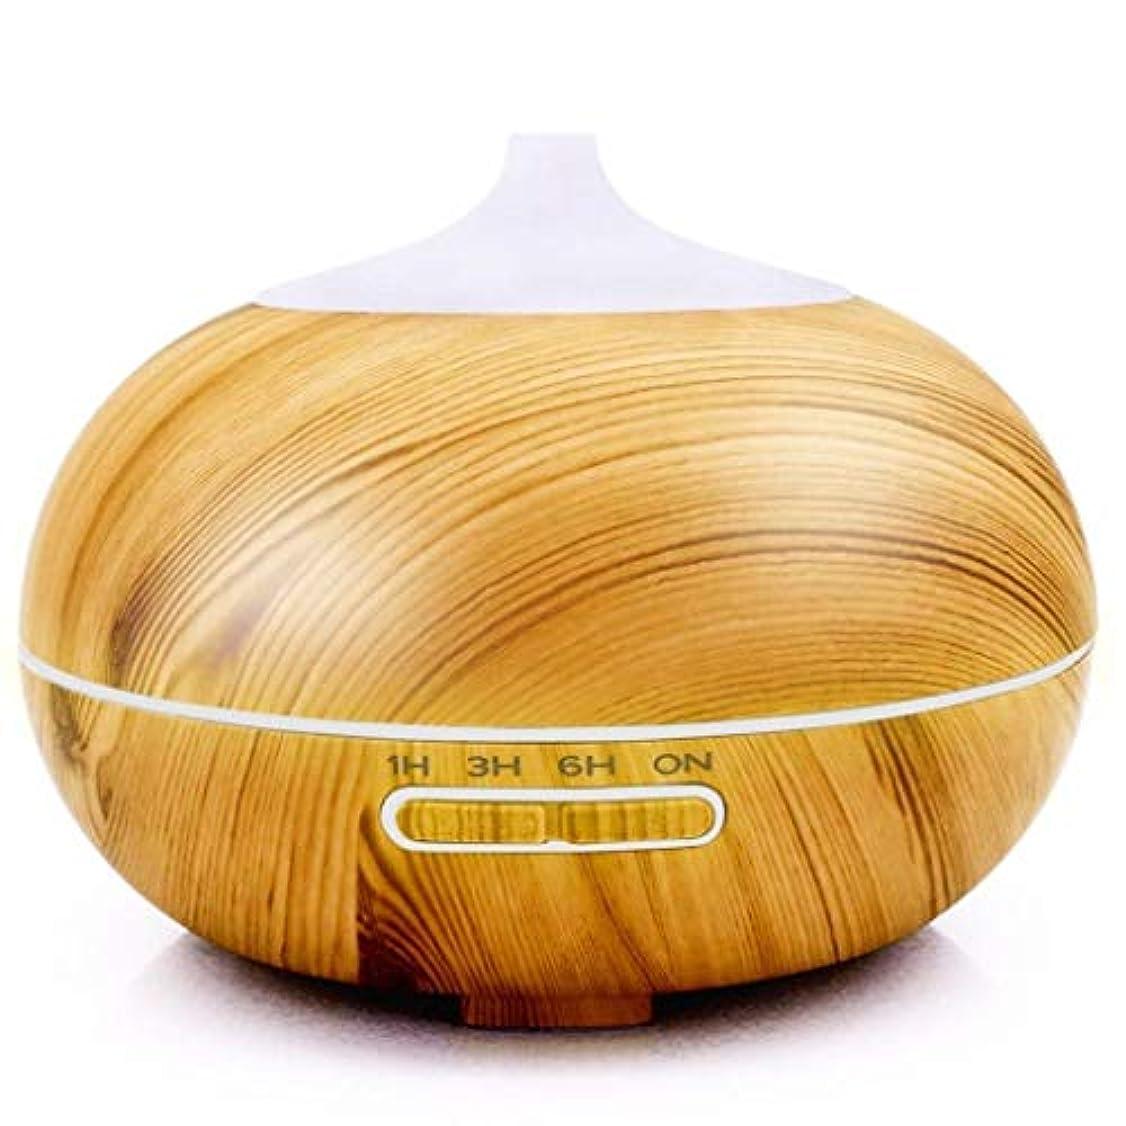 物理的な同一のお300ミリリットルエッセンシャルオイルディフューザーアロマディフューザー木材穀物アロマディフューザーで7色ledライトウォーターレス自動シャットオフ用ホームオフィスヨガ (Color : Light Wood Grain)